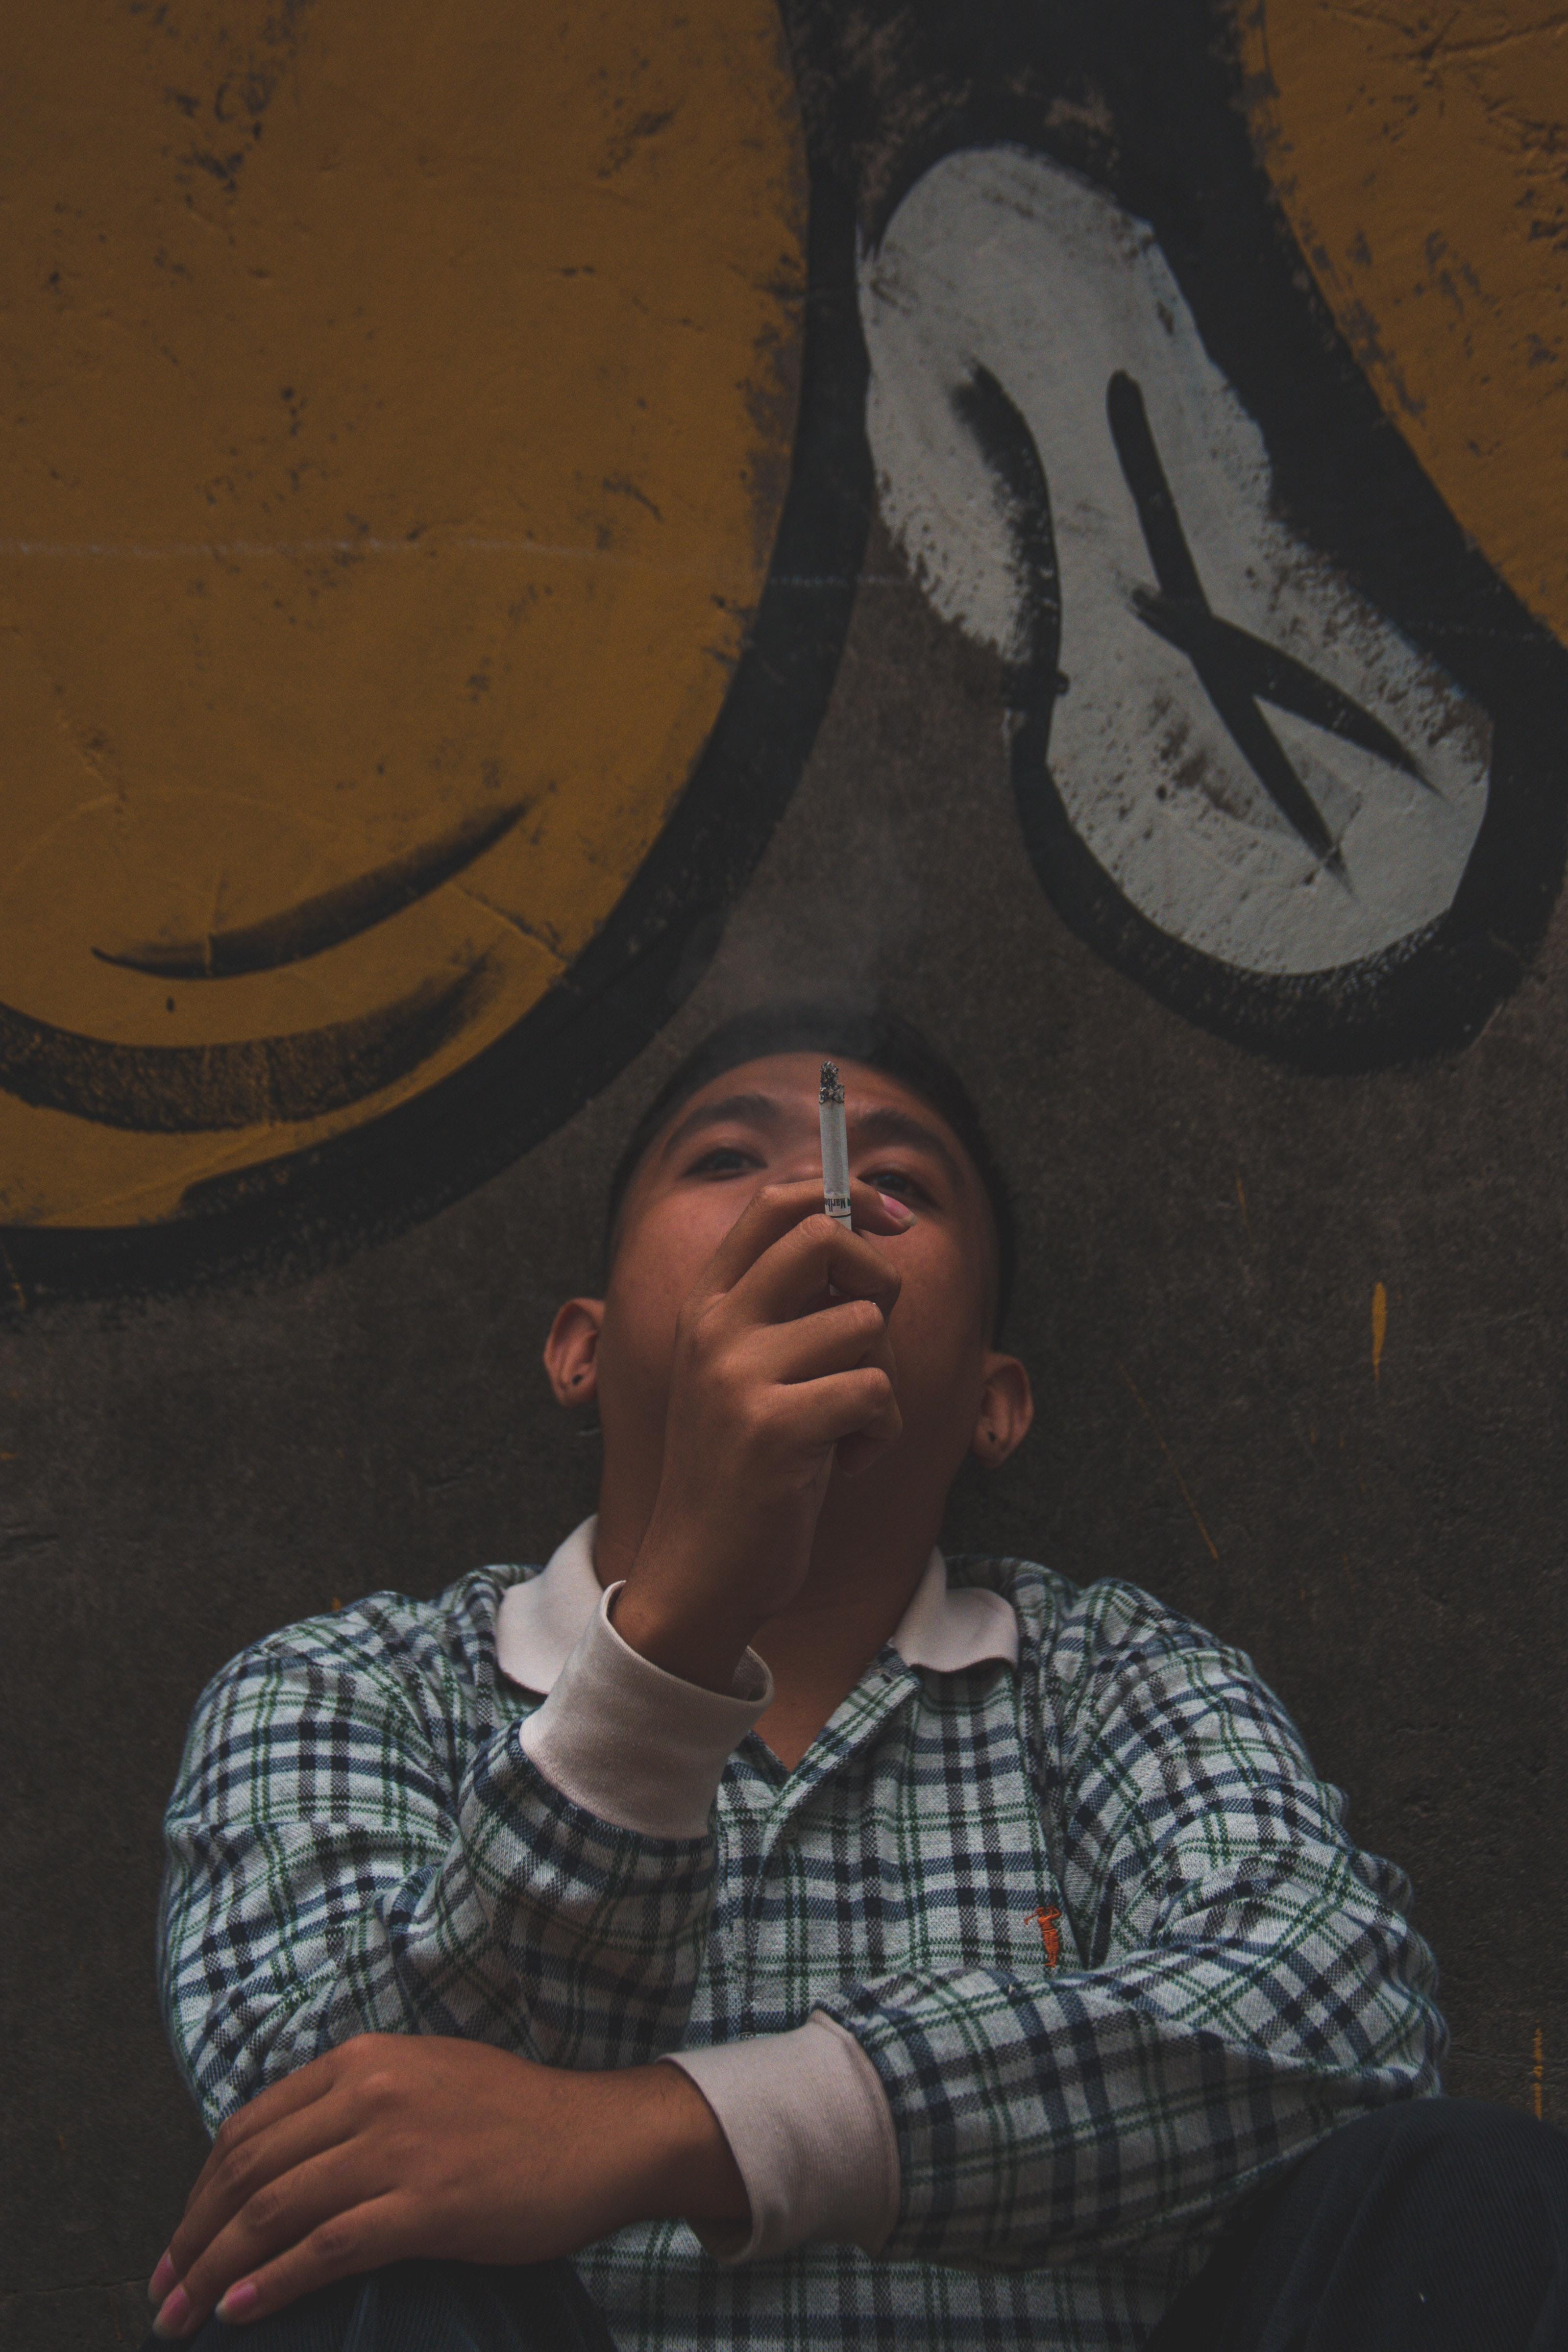 Fotoğraf Yetişkin Kötü Damalı Yüz Ifadesi Duvar Yazısı Adam